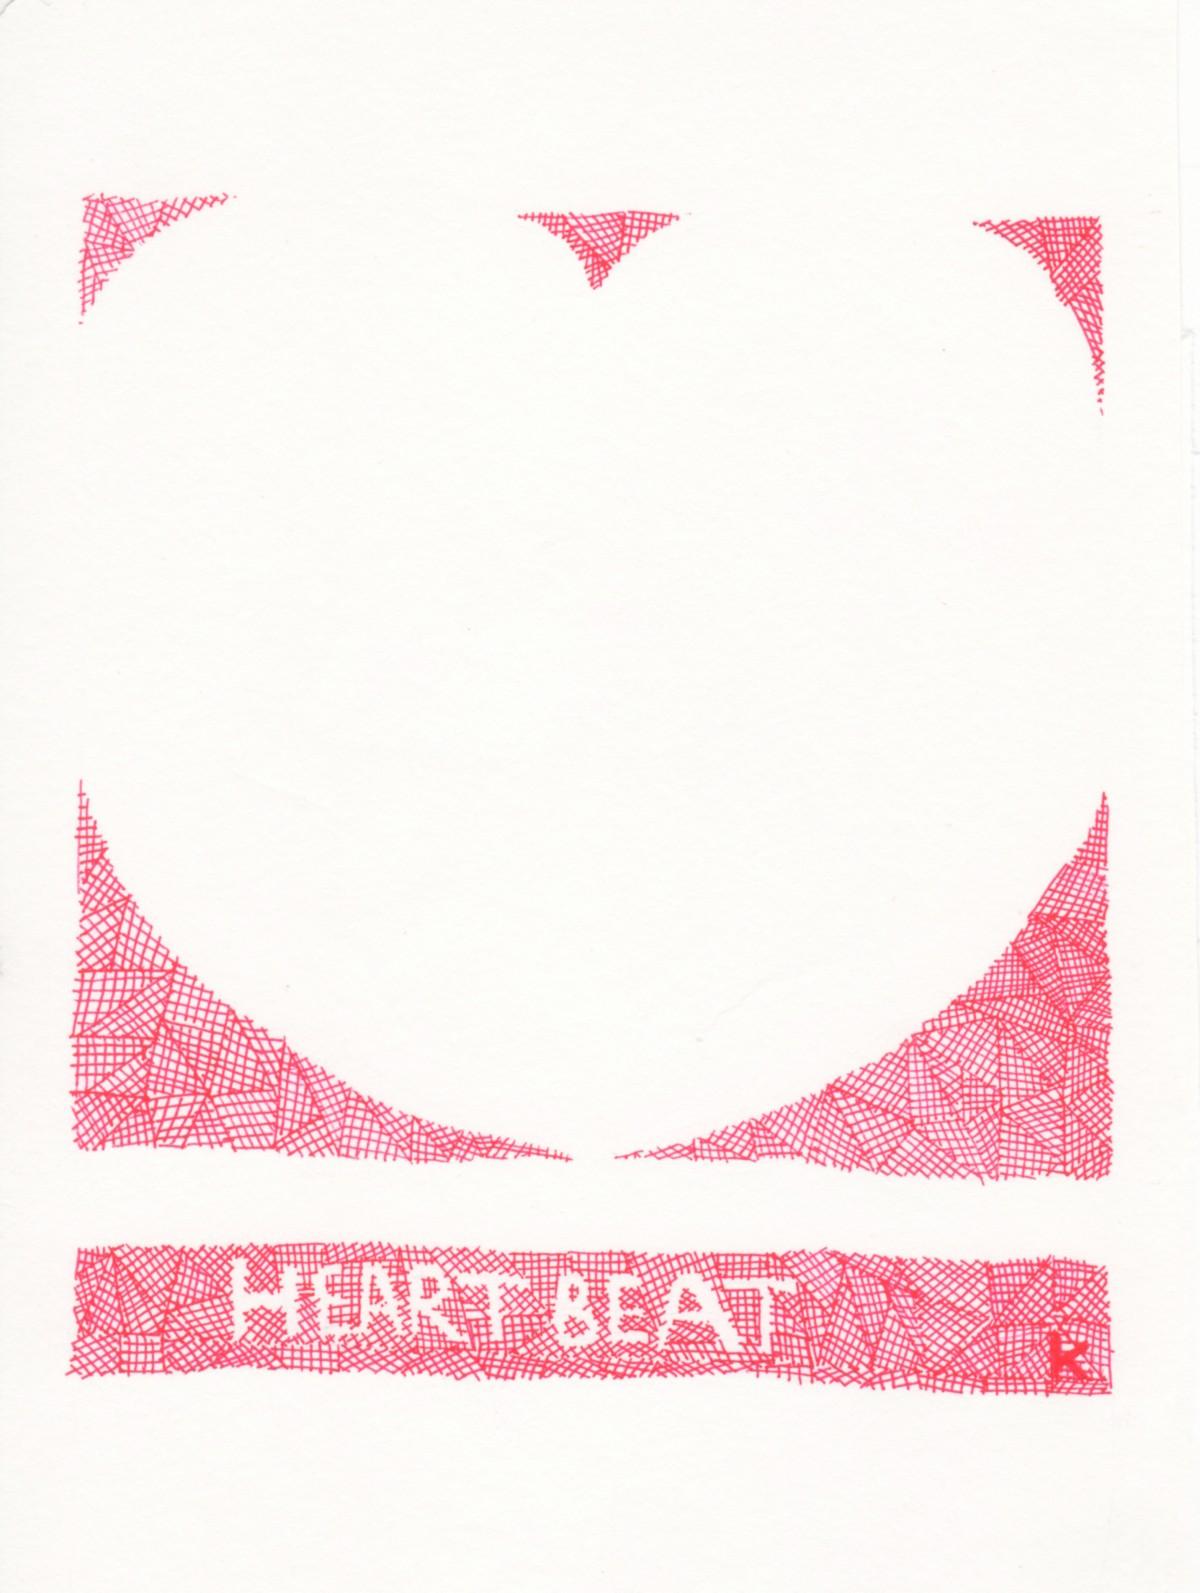 10_heartbeat